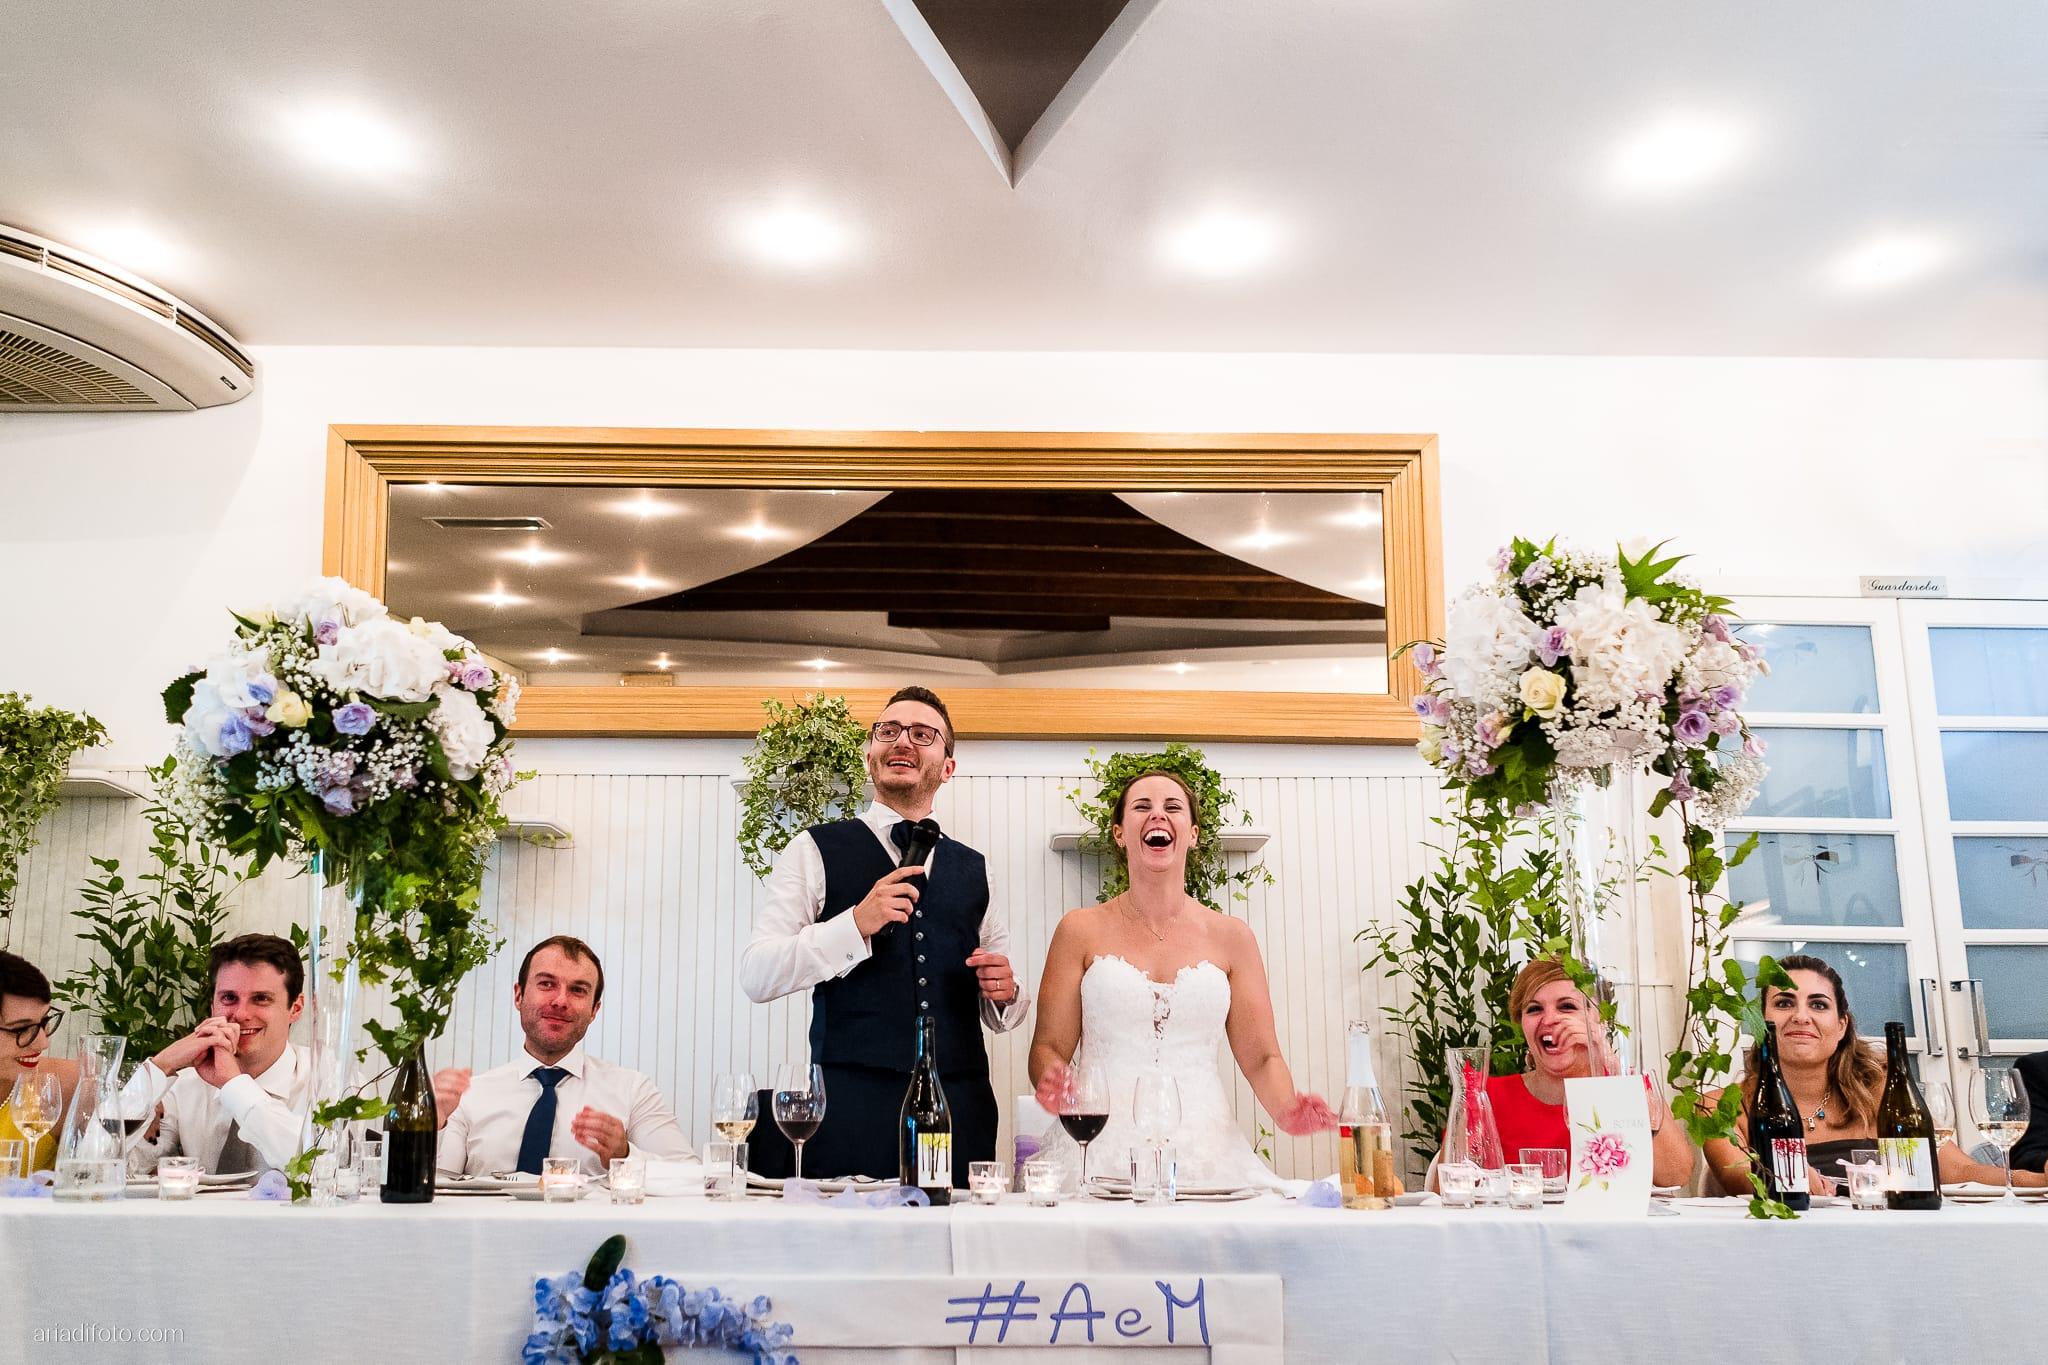 Anna Matteo Matrimonio Parco di Buttrio Udine ricevimento momenti discorsi